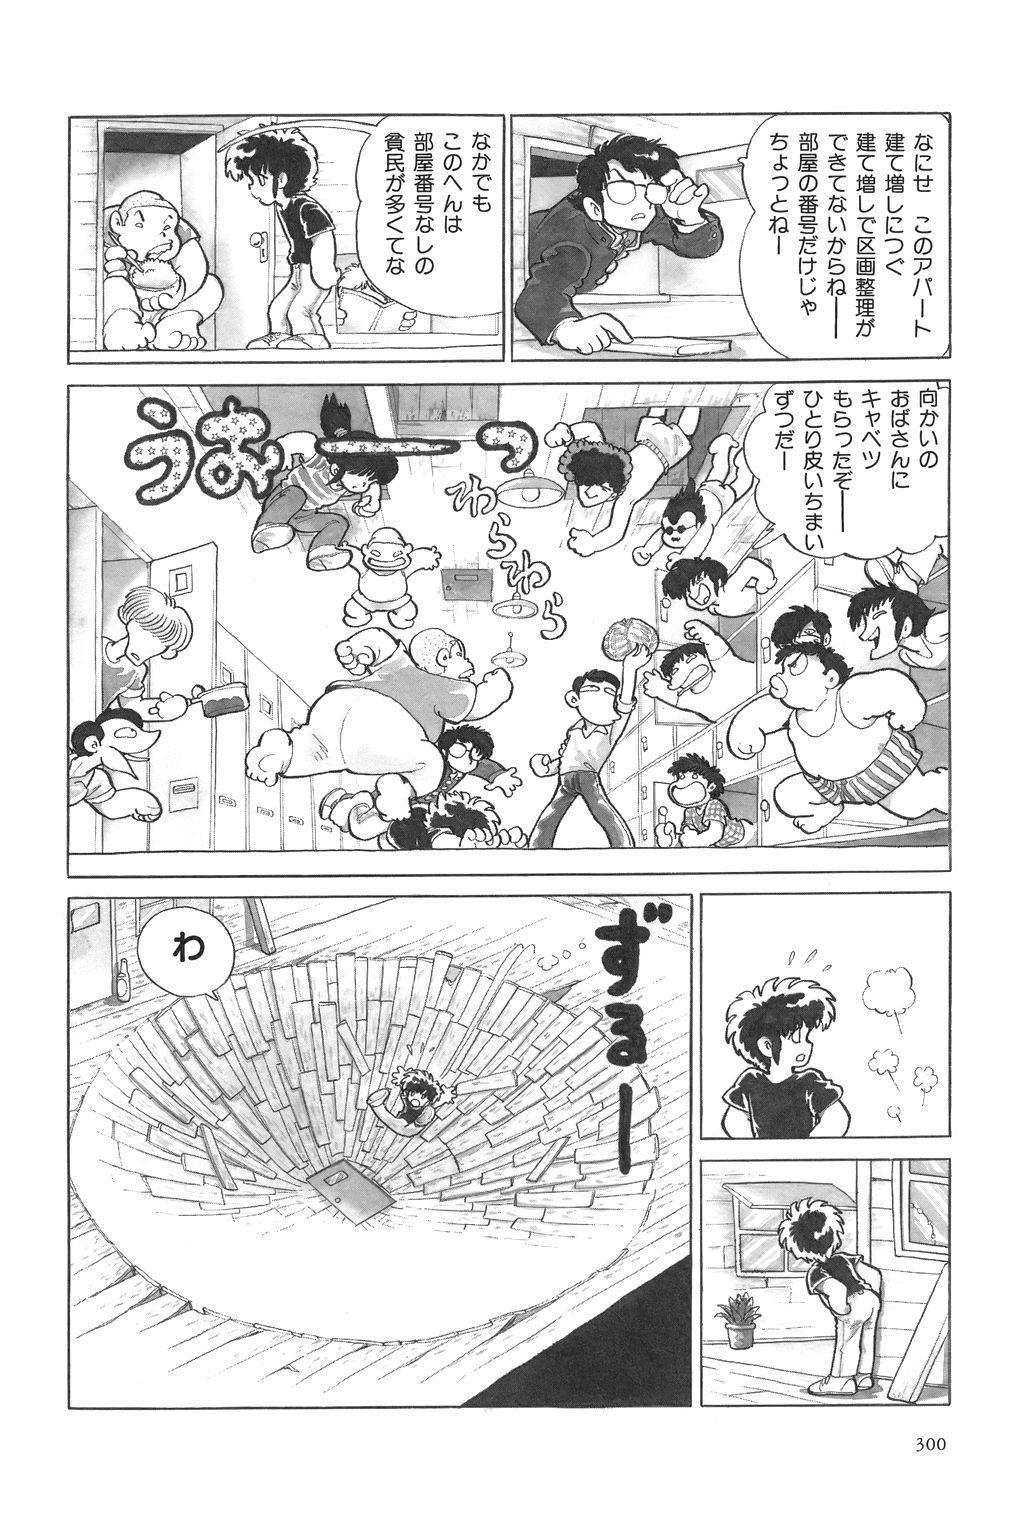 Azuma Hideo Sakuhin Shuusei - Yoru no Tobari no Naka de 301